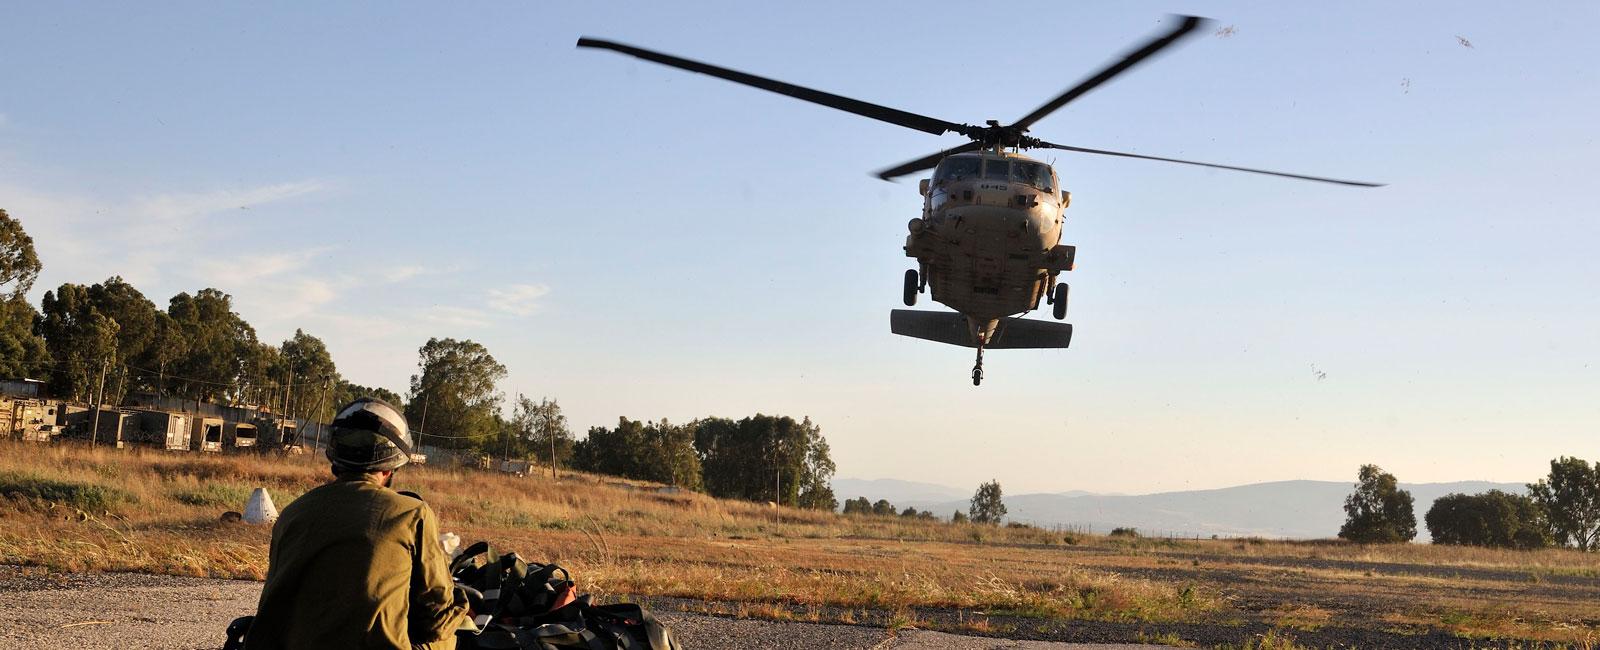 IDF heli-borne rescue operation